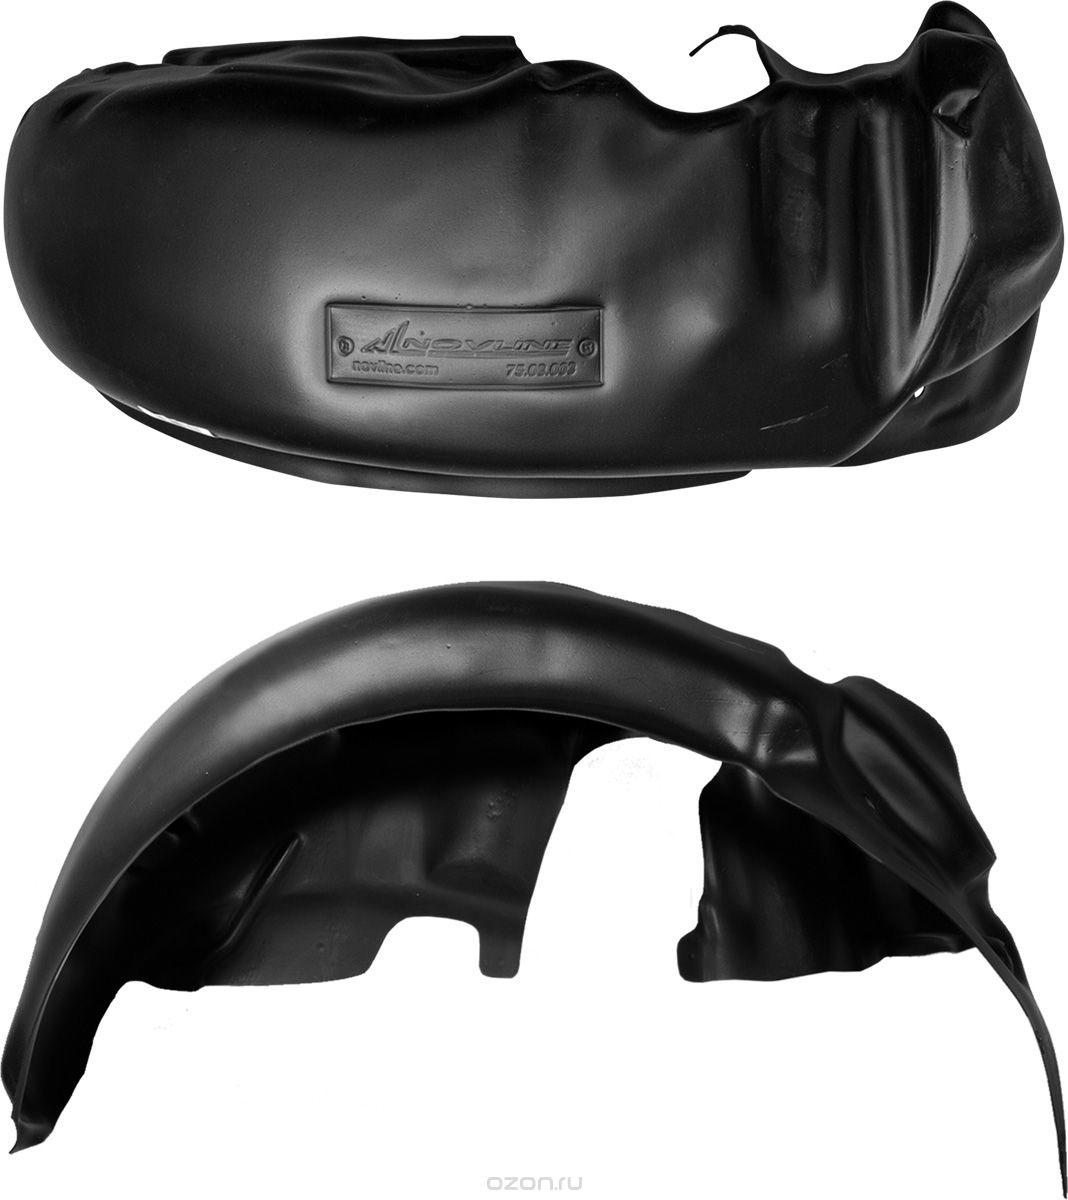 Подкрылок Novline-Autofamily, для HAWTAI Boliger, 01/2015->, кросс., передний правыйNLL.100.001.002Идеальная защита колесной ниши. Локеры разработаны с применением цифровых технологий, гарантируют максимальную повторяемость поверхности арки. Изделия устанавливаются без нарушения лакокрасочного покрытия автомобиля, каждый подкрылок комплектуется крепежом. Уважаемые клиенты, обращаем ваше внимание, что фотографии на подкрылки универсальные и не отражают реальную форму изделия. При этом само изделие идет точно под размер указанного автомобиля.